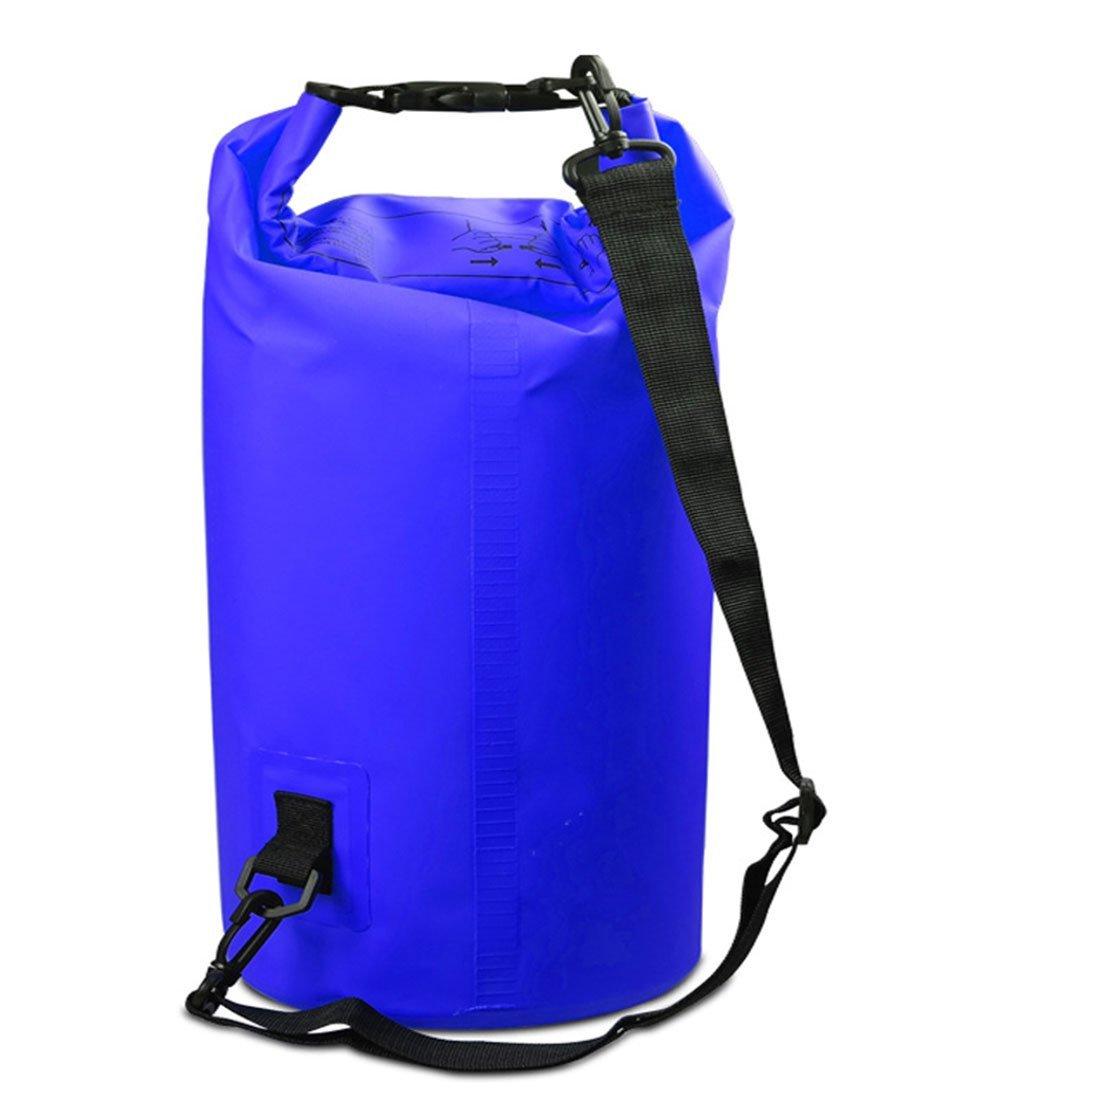 YORKING Outdoor Rafting Waterproof Bucket Bag Beach Waterproof Bucket Bag PVC Clip Net Waterproof Bag Waterproof Bucket Bag